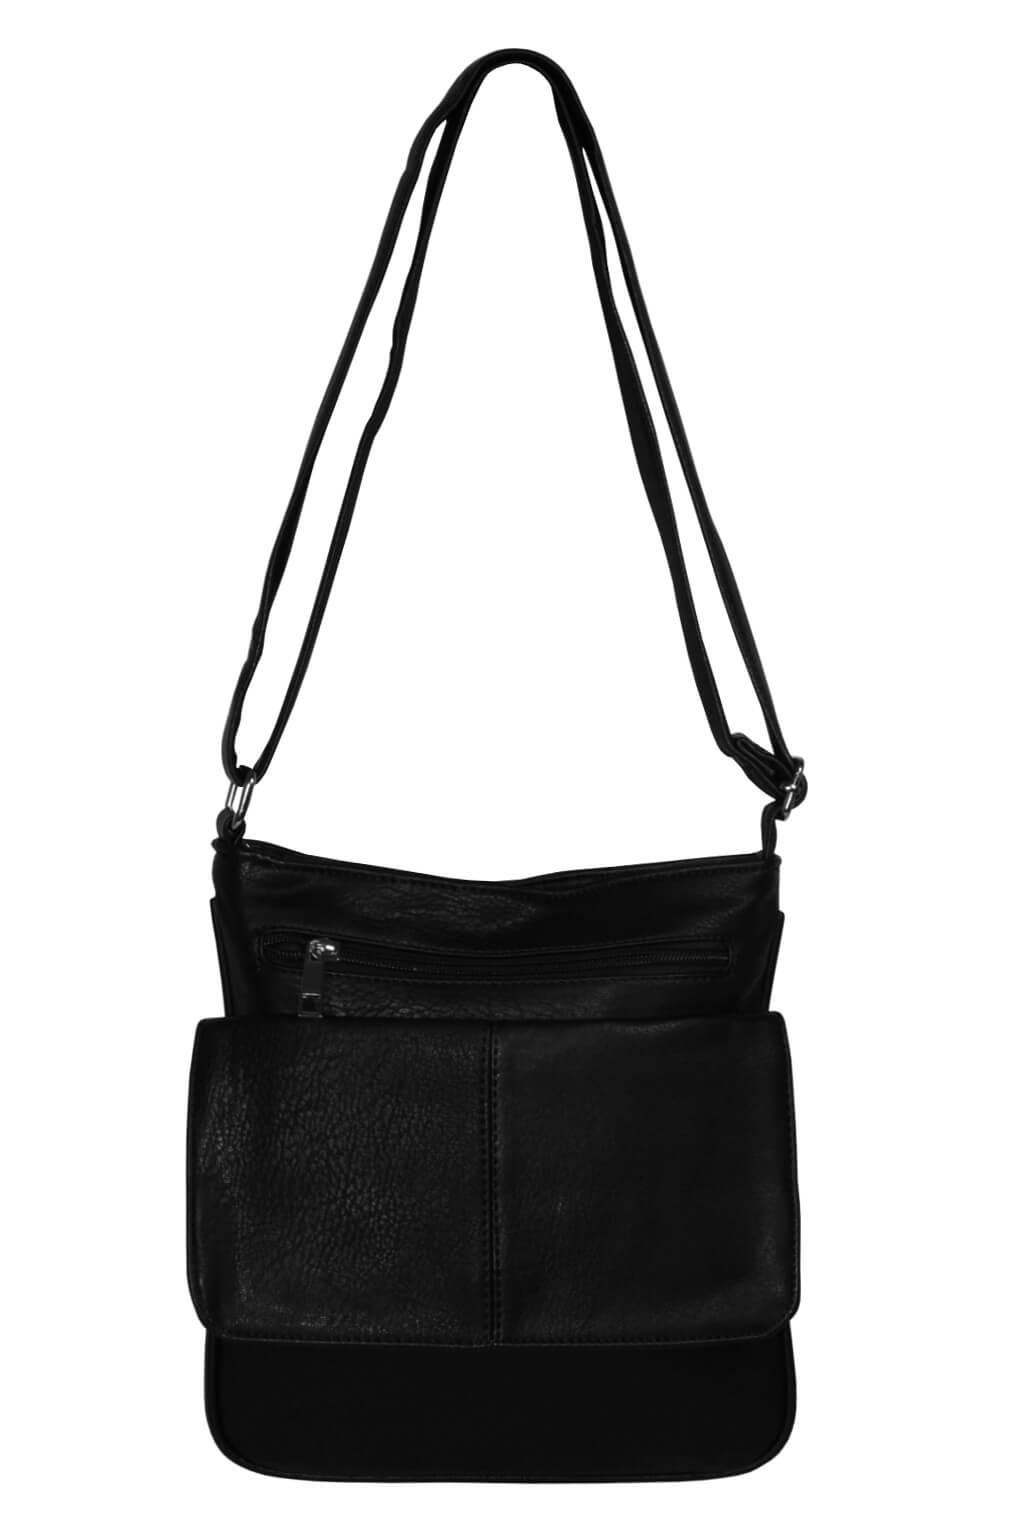 Noema kabelka přes rameno černá